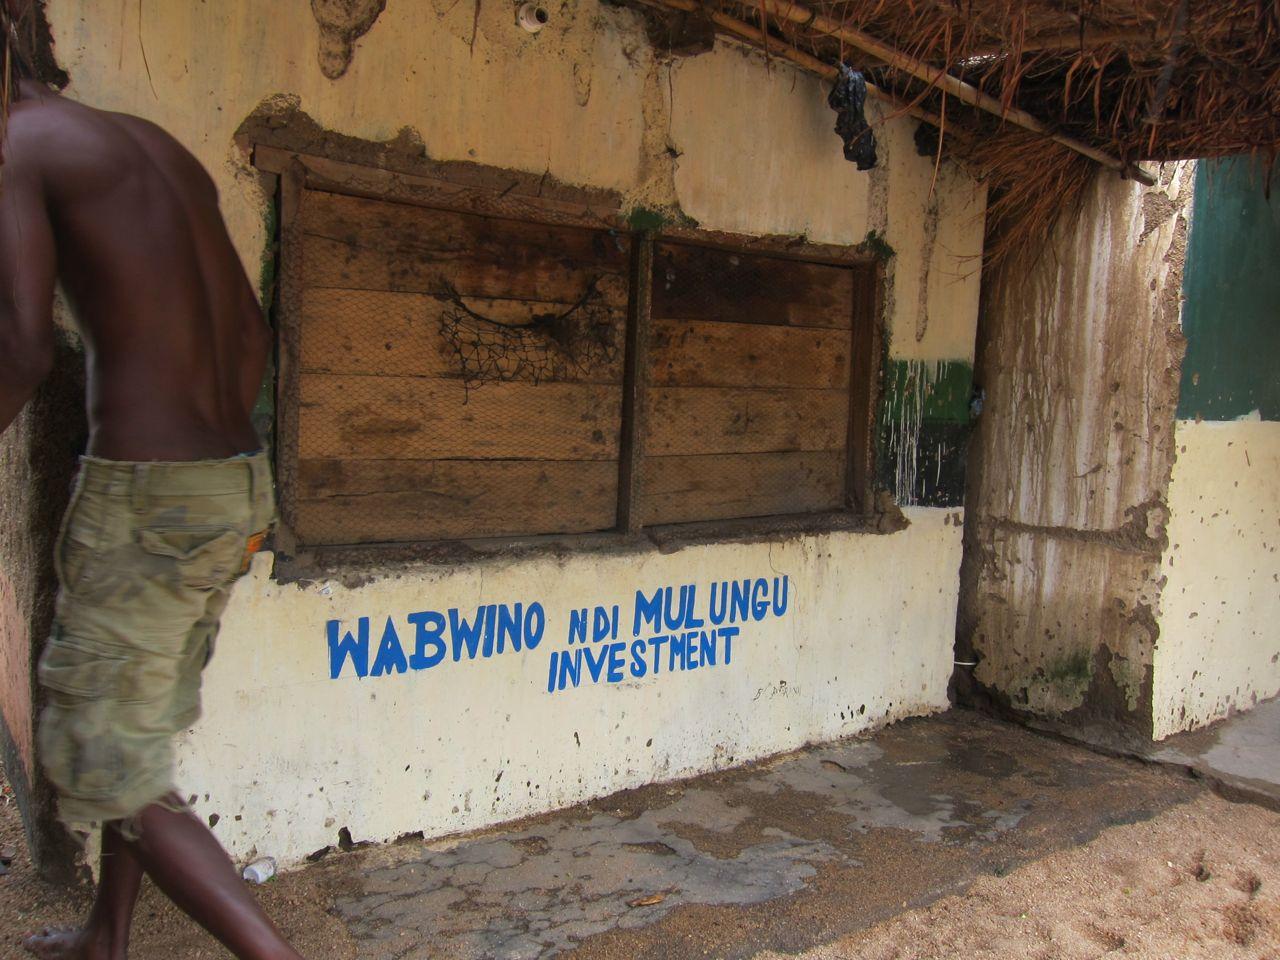 Wabwino ndi Mulungu investment